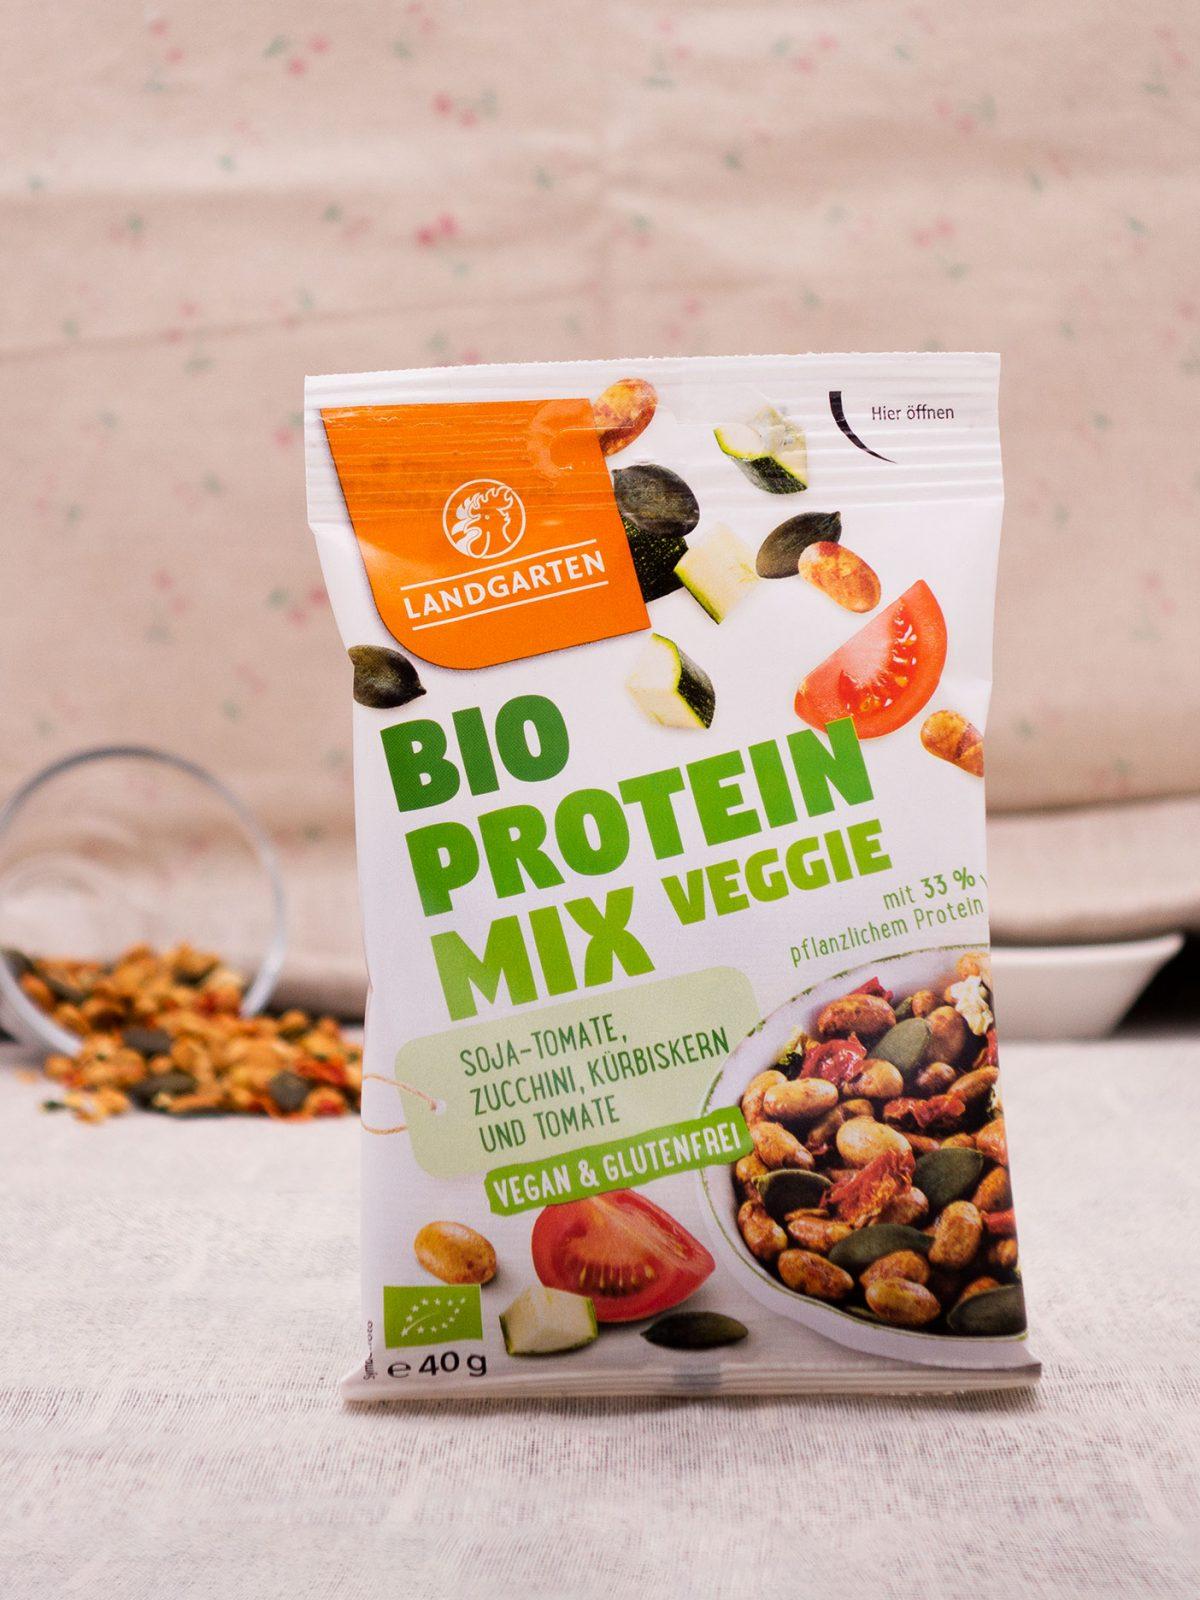 Bio Protein Mix Veggie